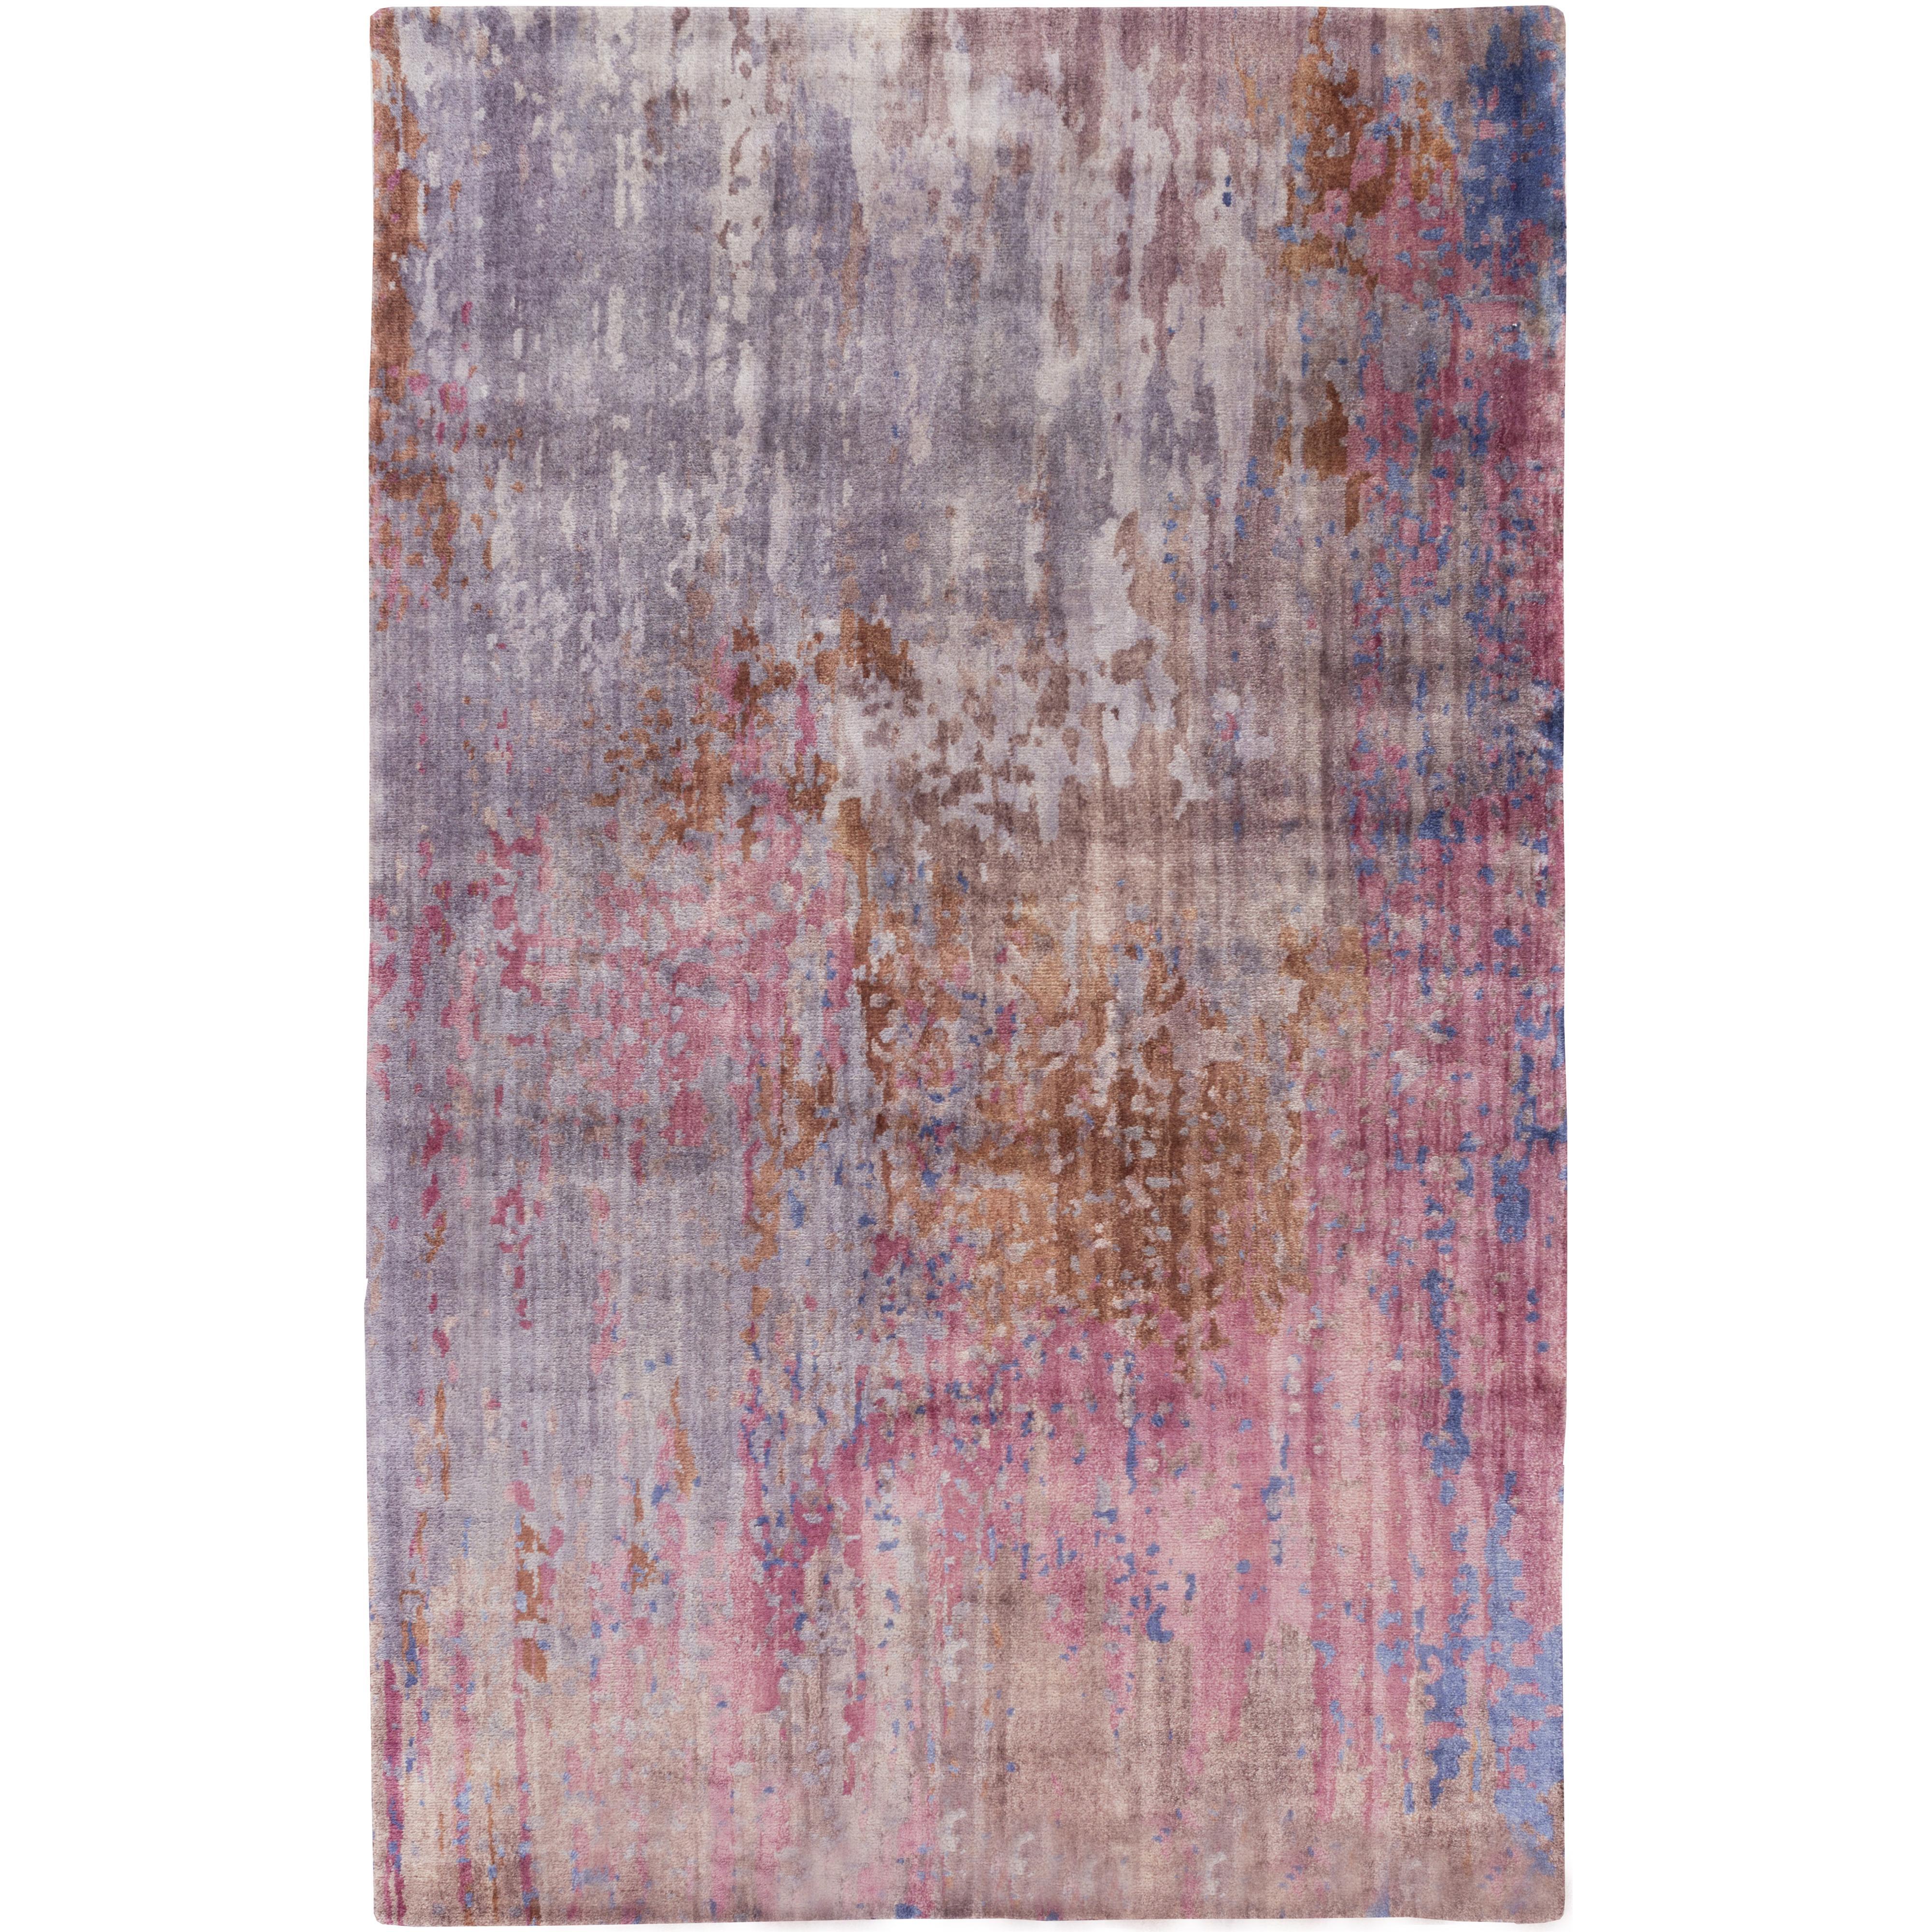 Surya Rugs Watercolor 5' x 8' - Item Number: WAT5003-58